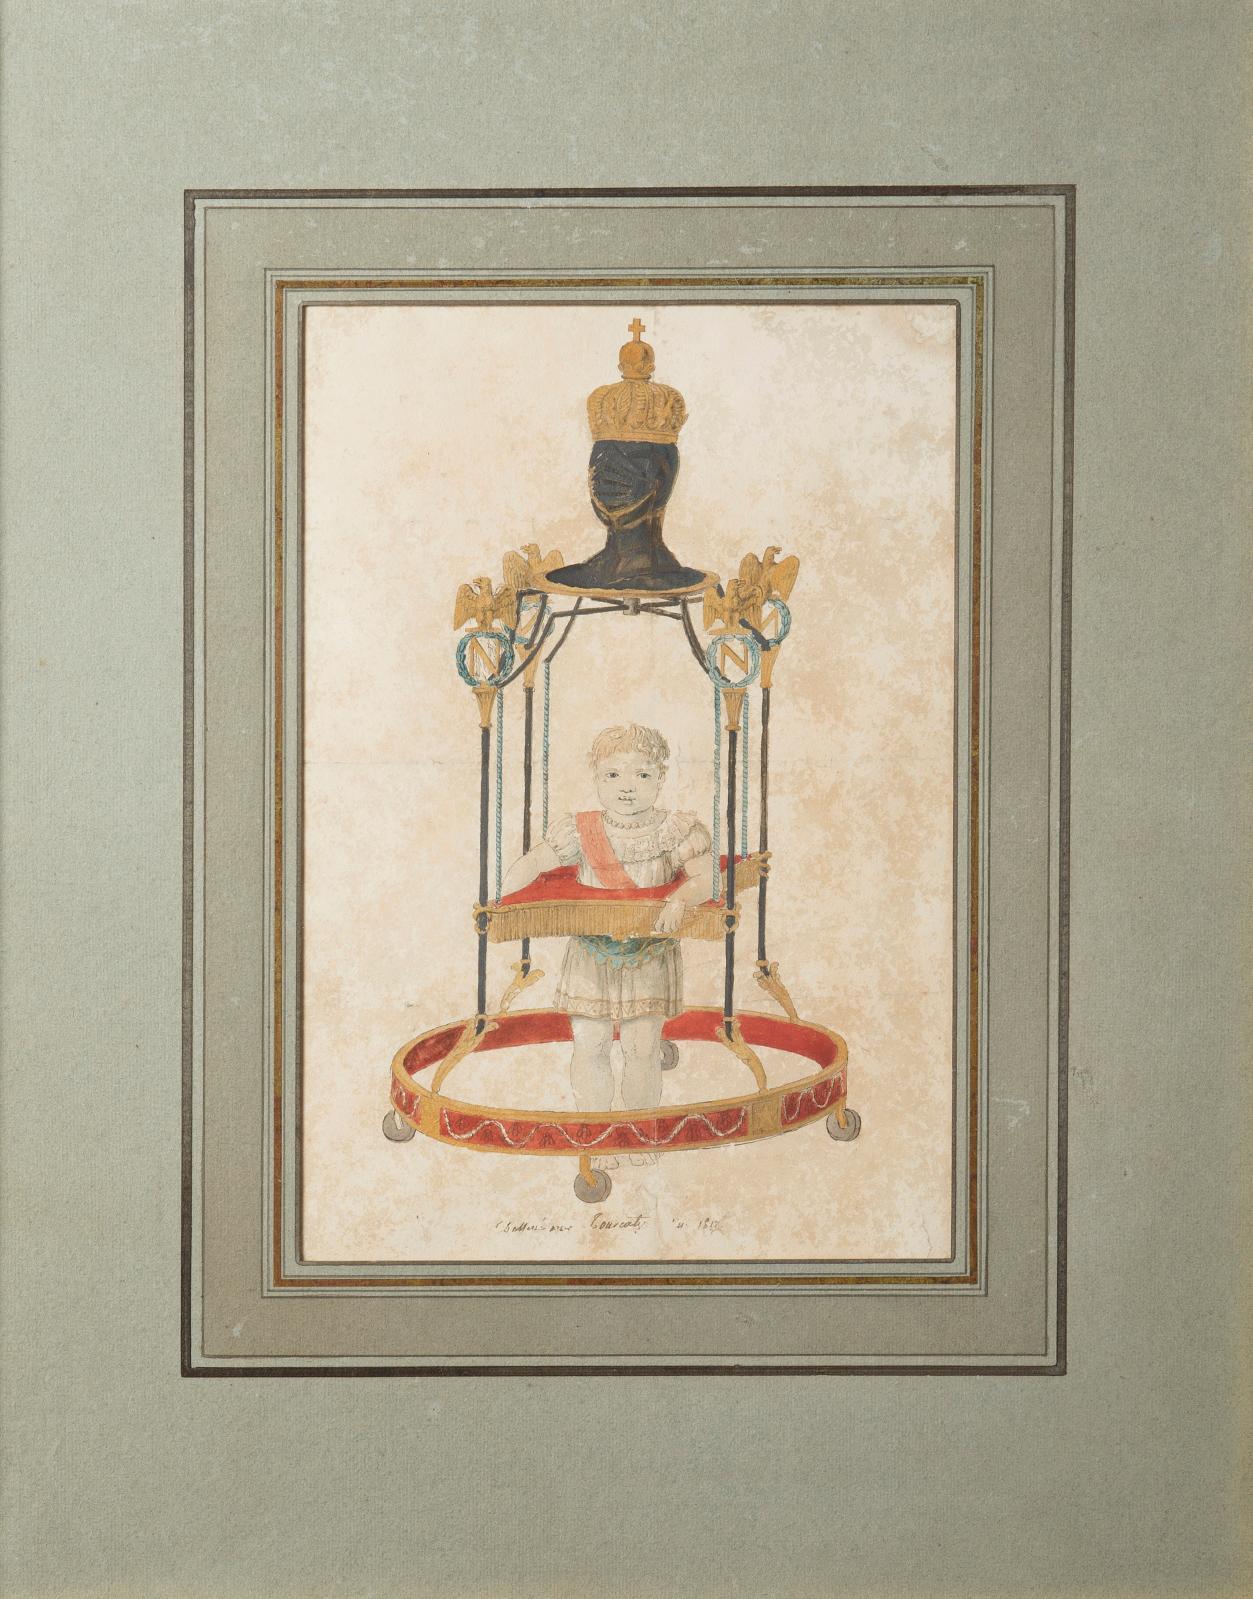 Tourcaty Jean-François (1763-?), Le Roi de Rome à l'âge de deux ans faisant ses premiers pas à l'aide d'un trotteur, 1812, dessin aquarellé, signé et